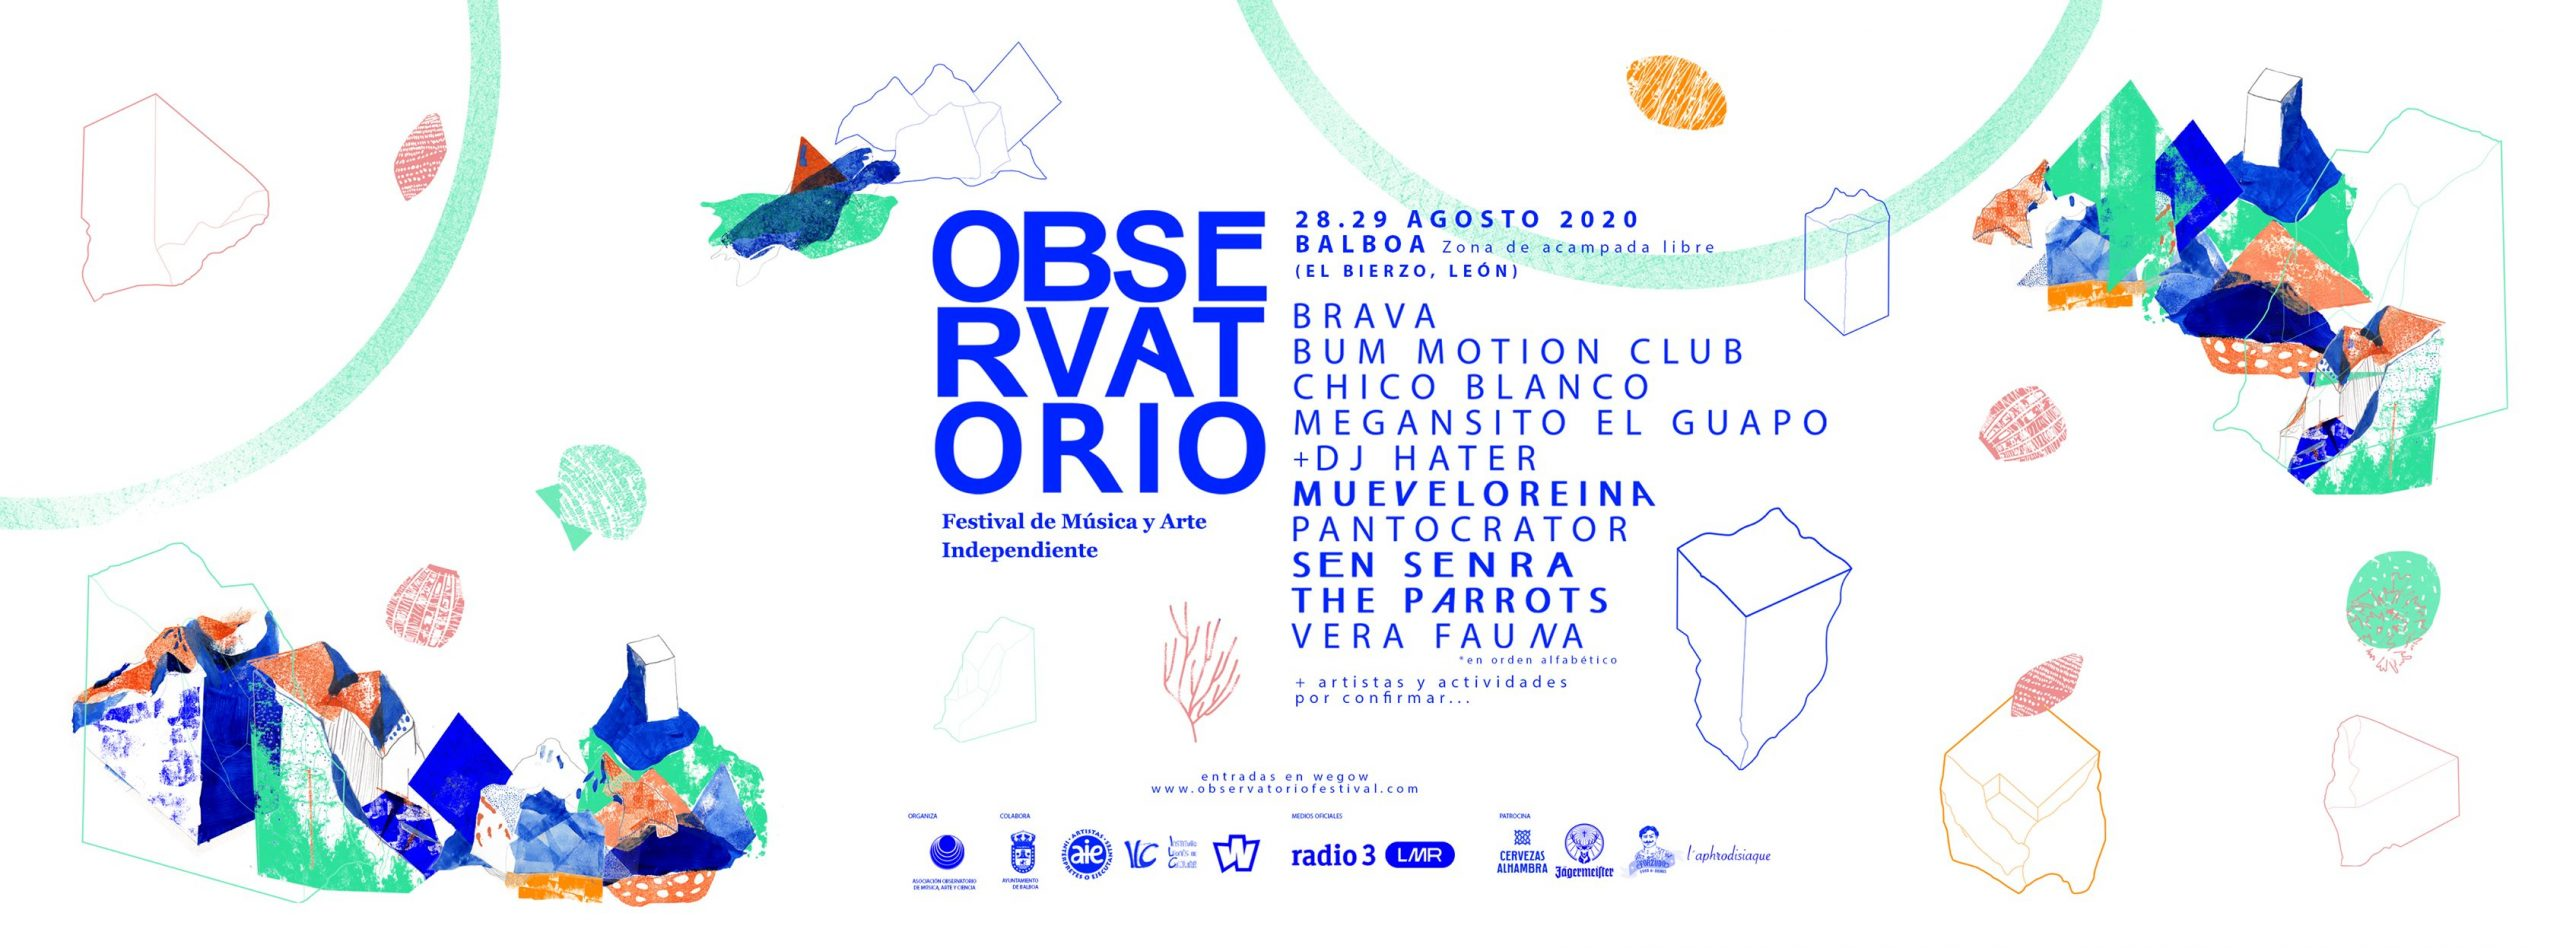 EL Observatorio Festival de Balboa se pospone para finales de agosto 3